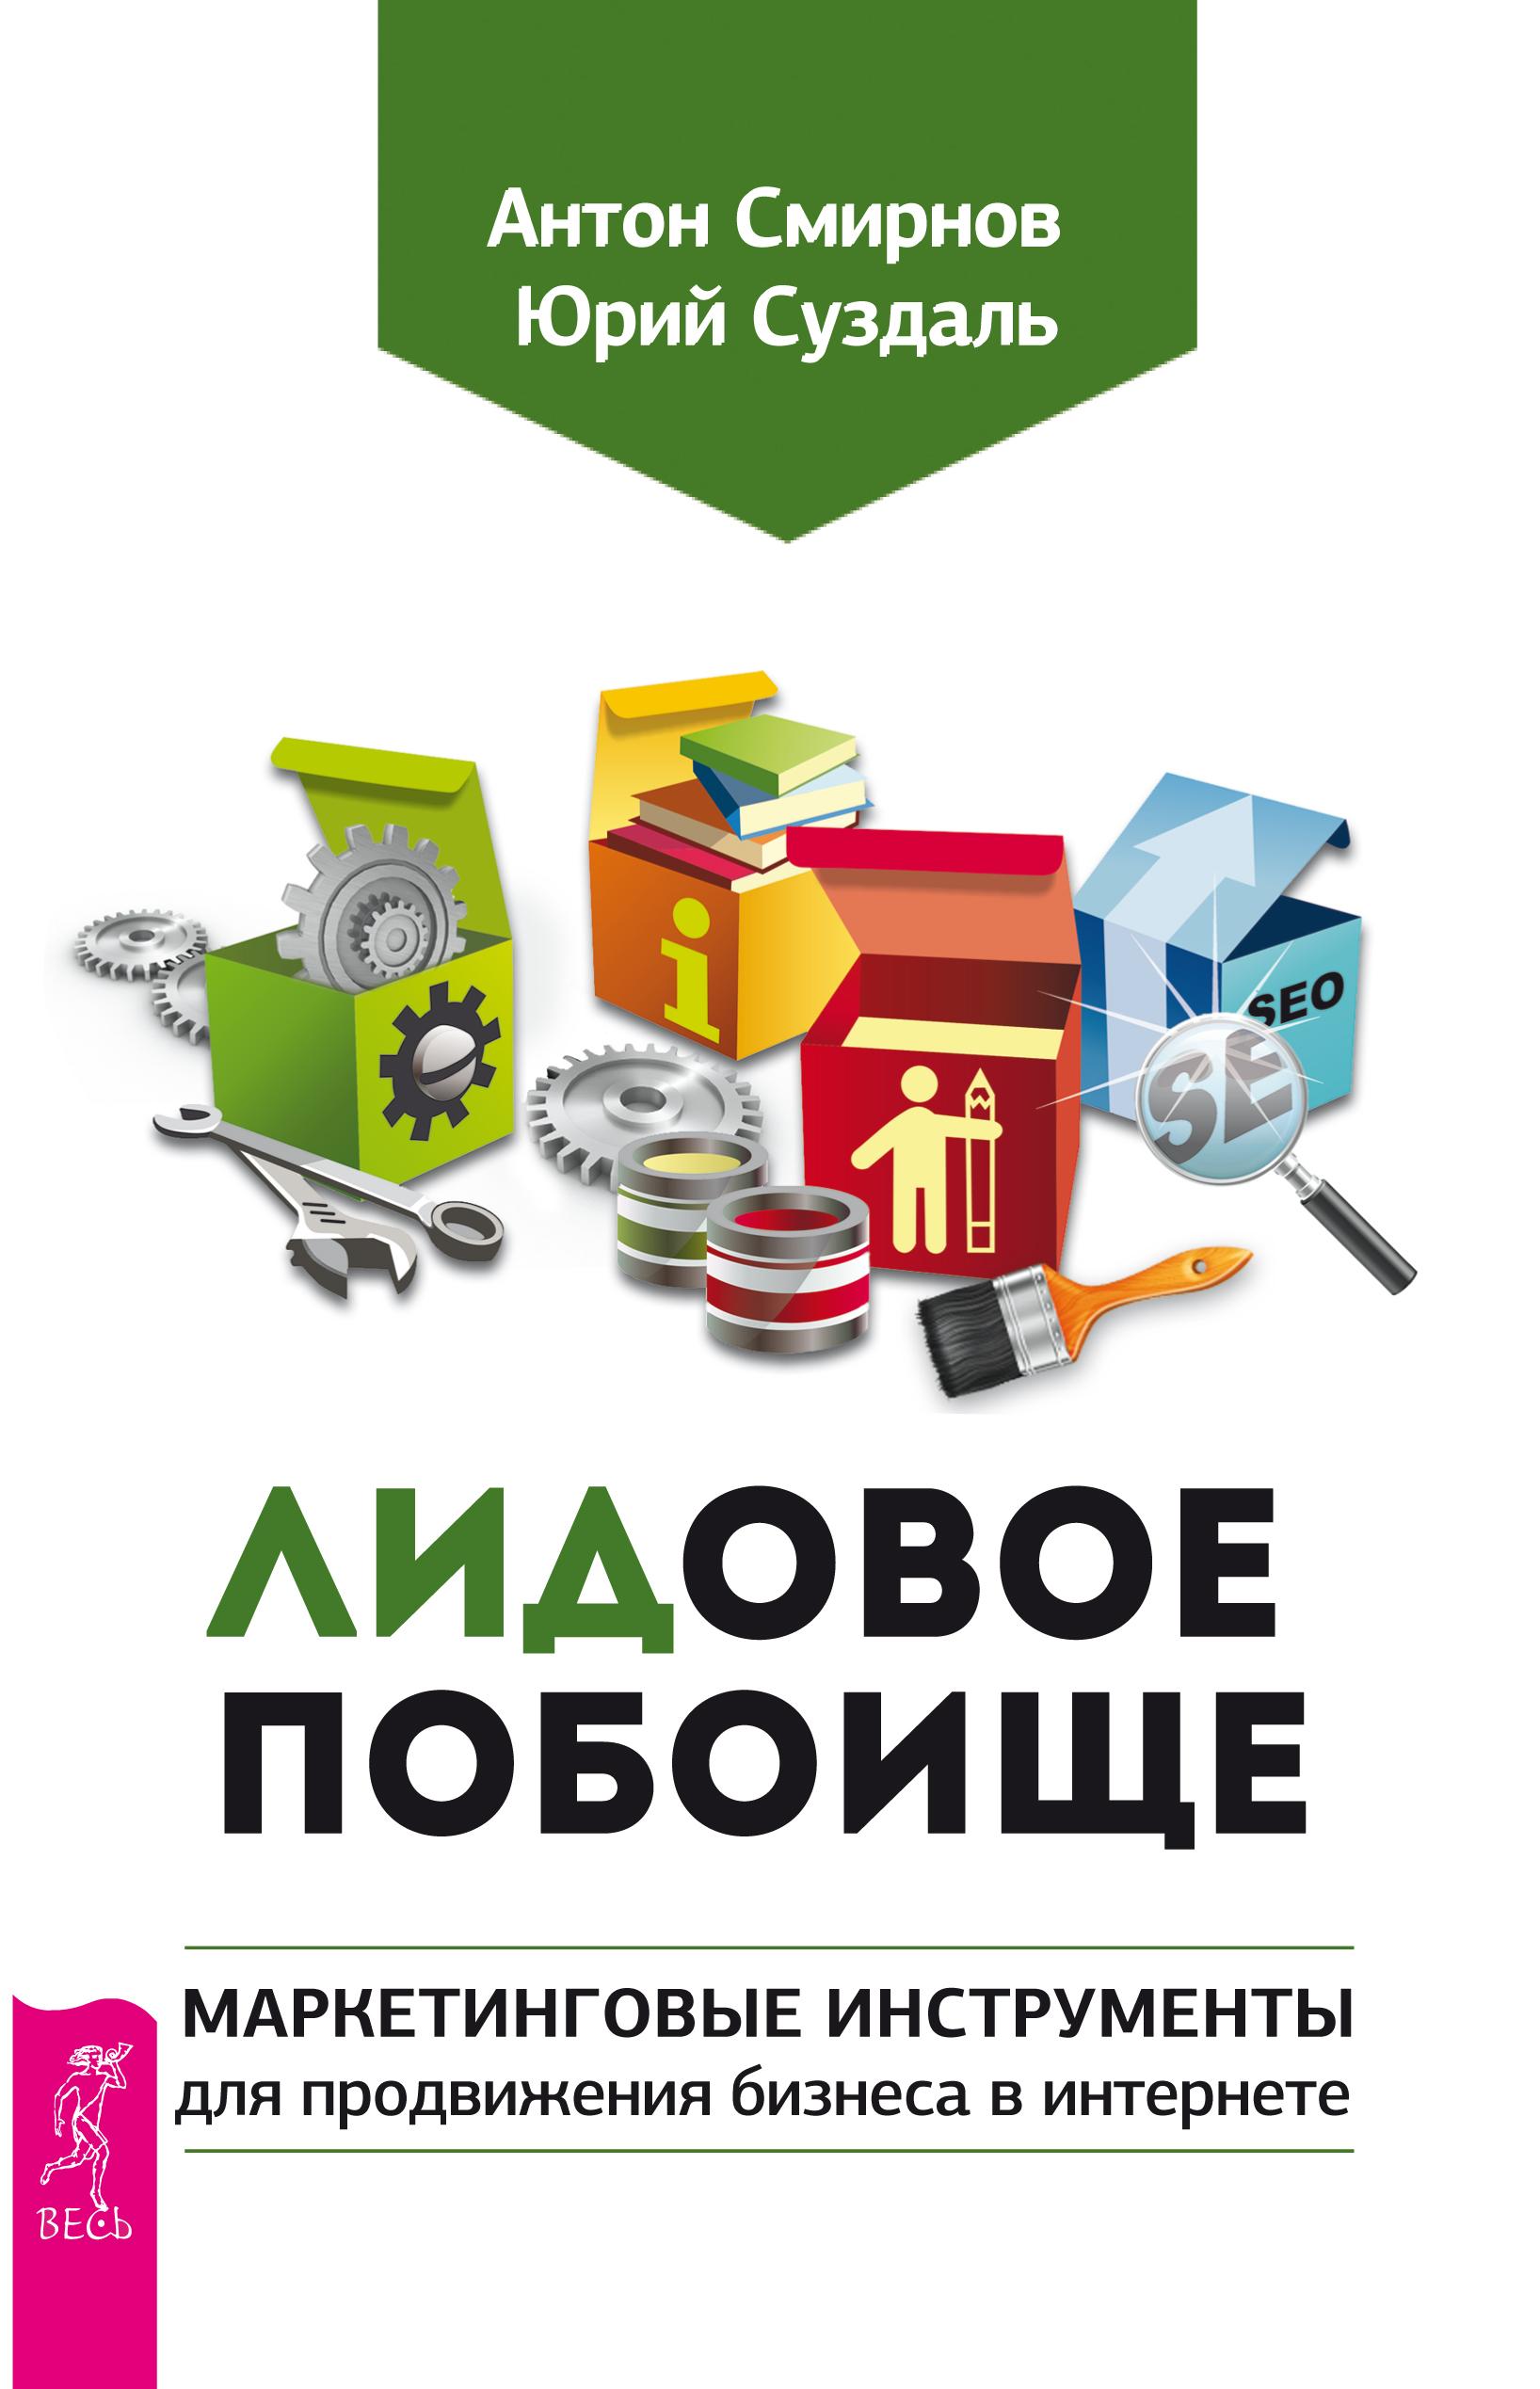 фото обложки издания ЛИДовое побоище. Маркетинговые инструменты для продвижения бизнеса в интернете